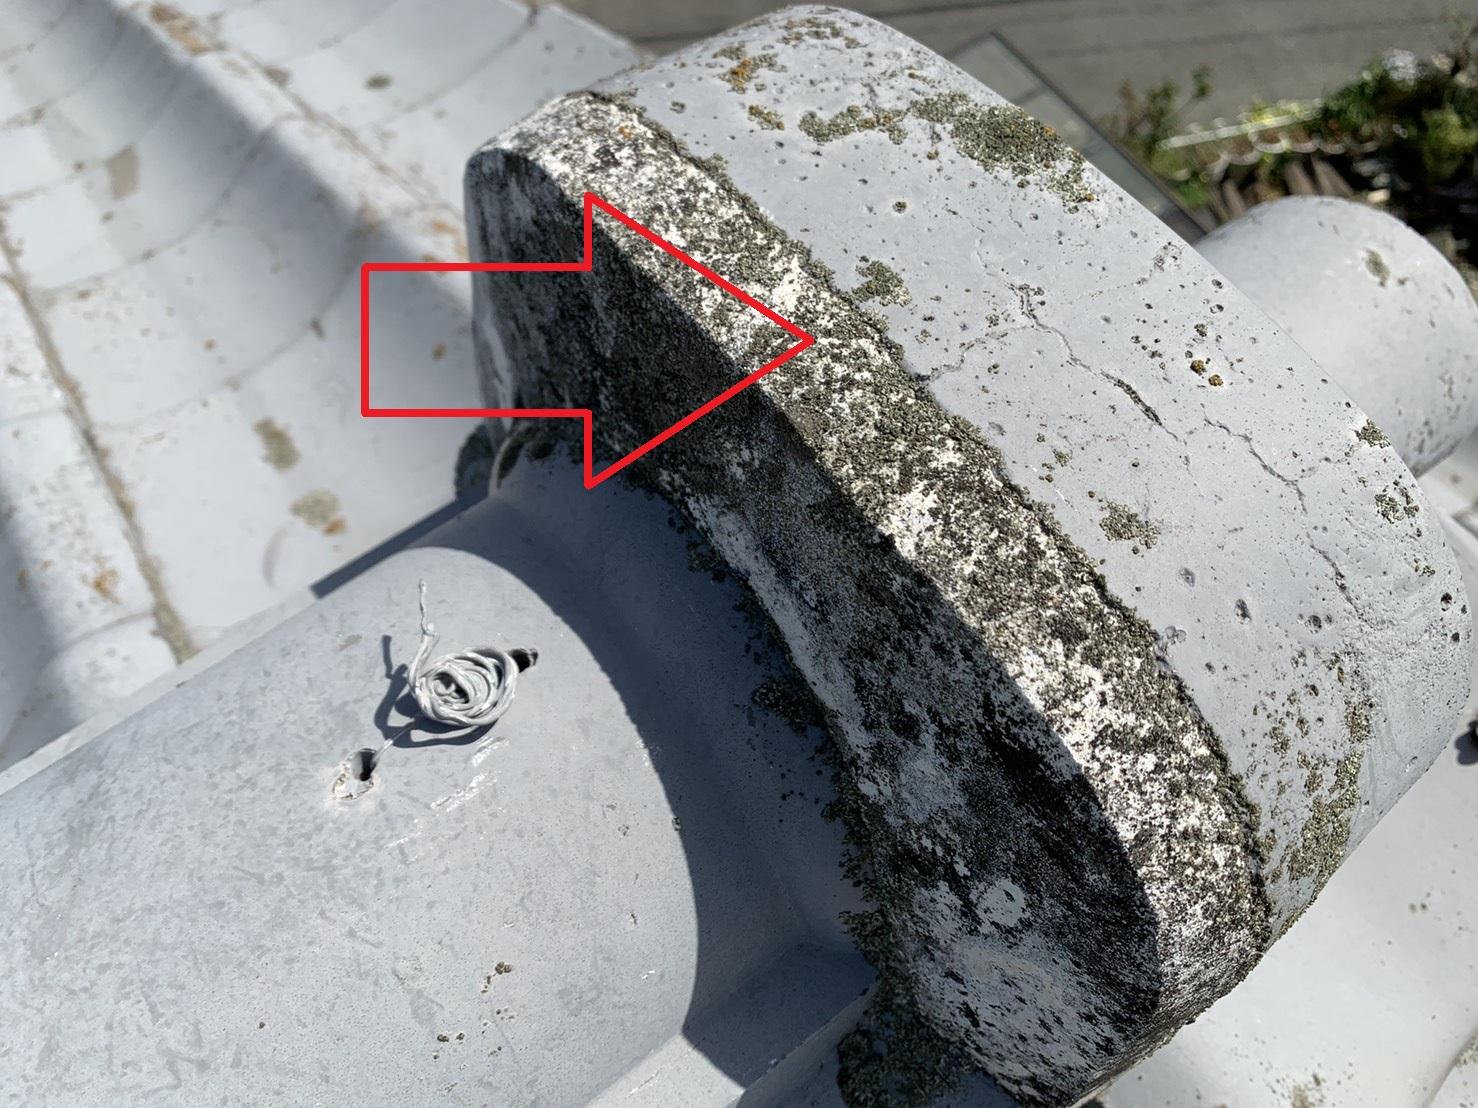 瓦屋根に使用されている漆喰が雨漏りにより腐食している様子